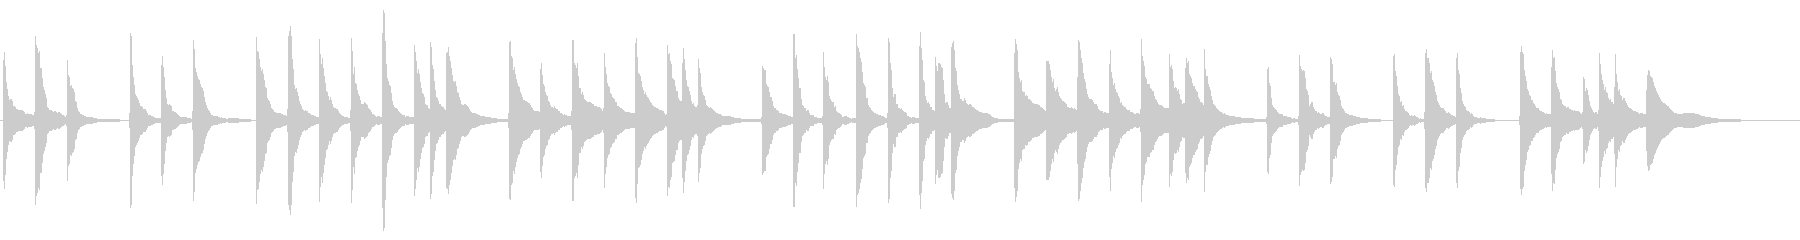 お琴 さくらさくらの未再生の波形